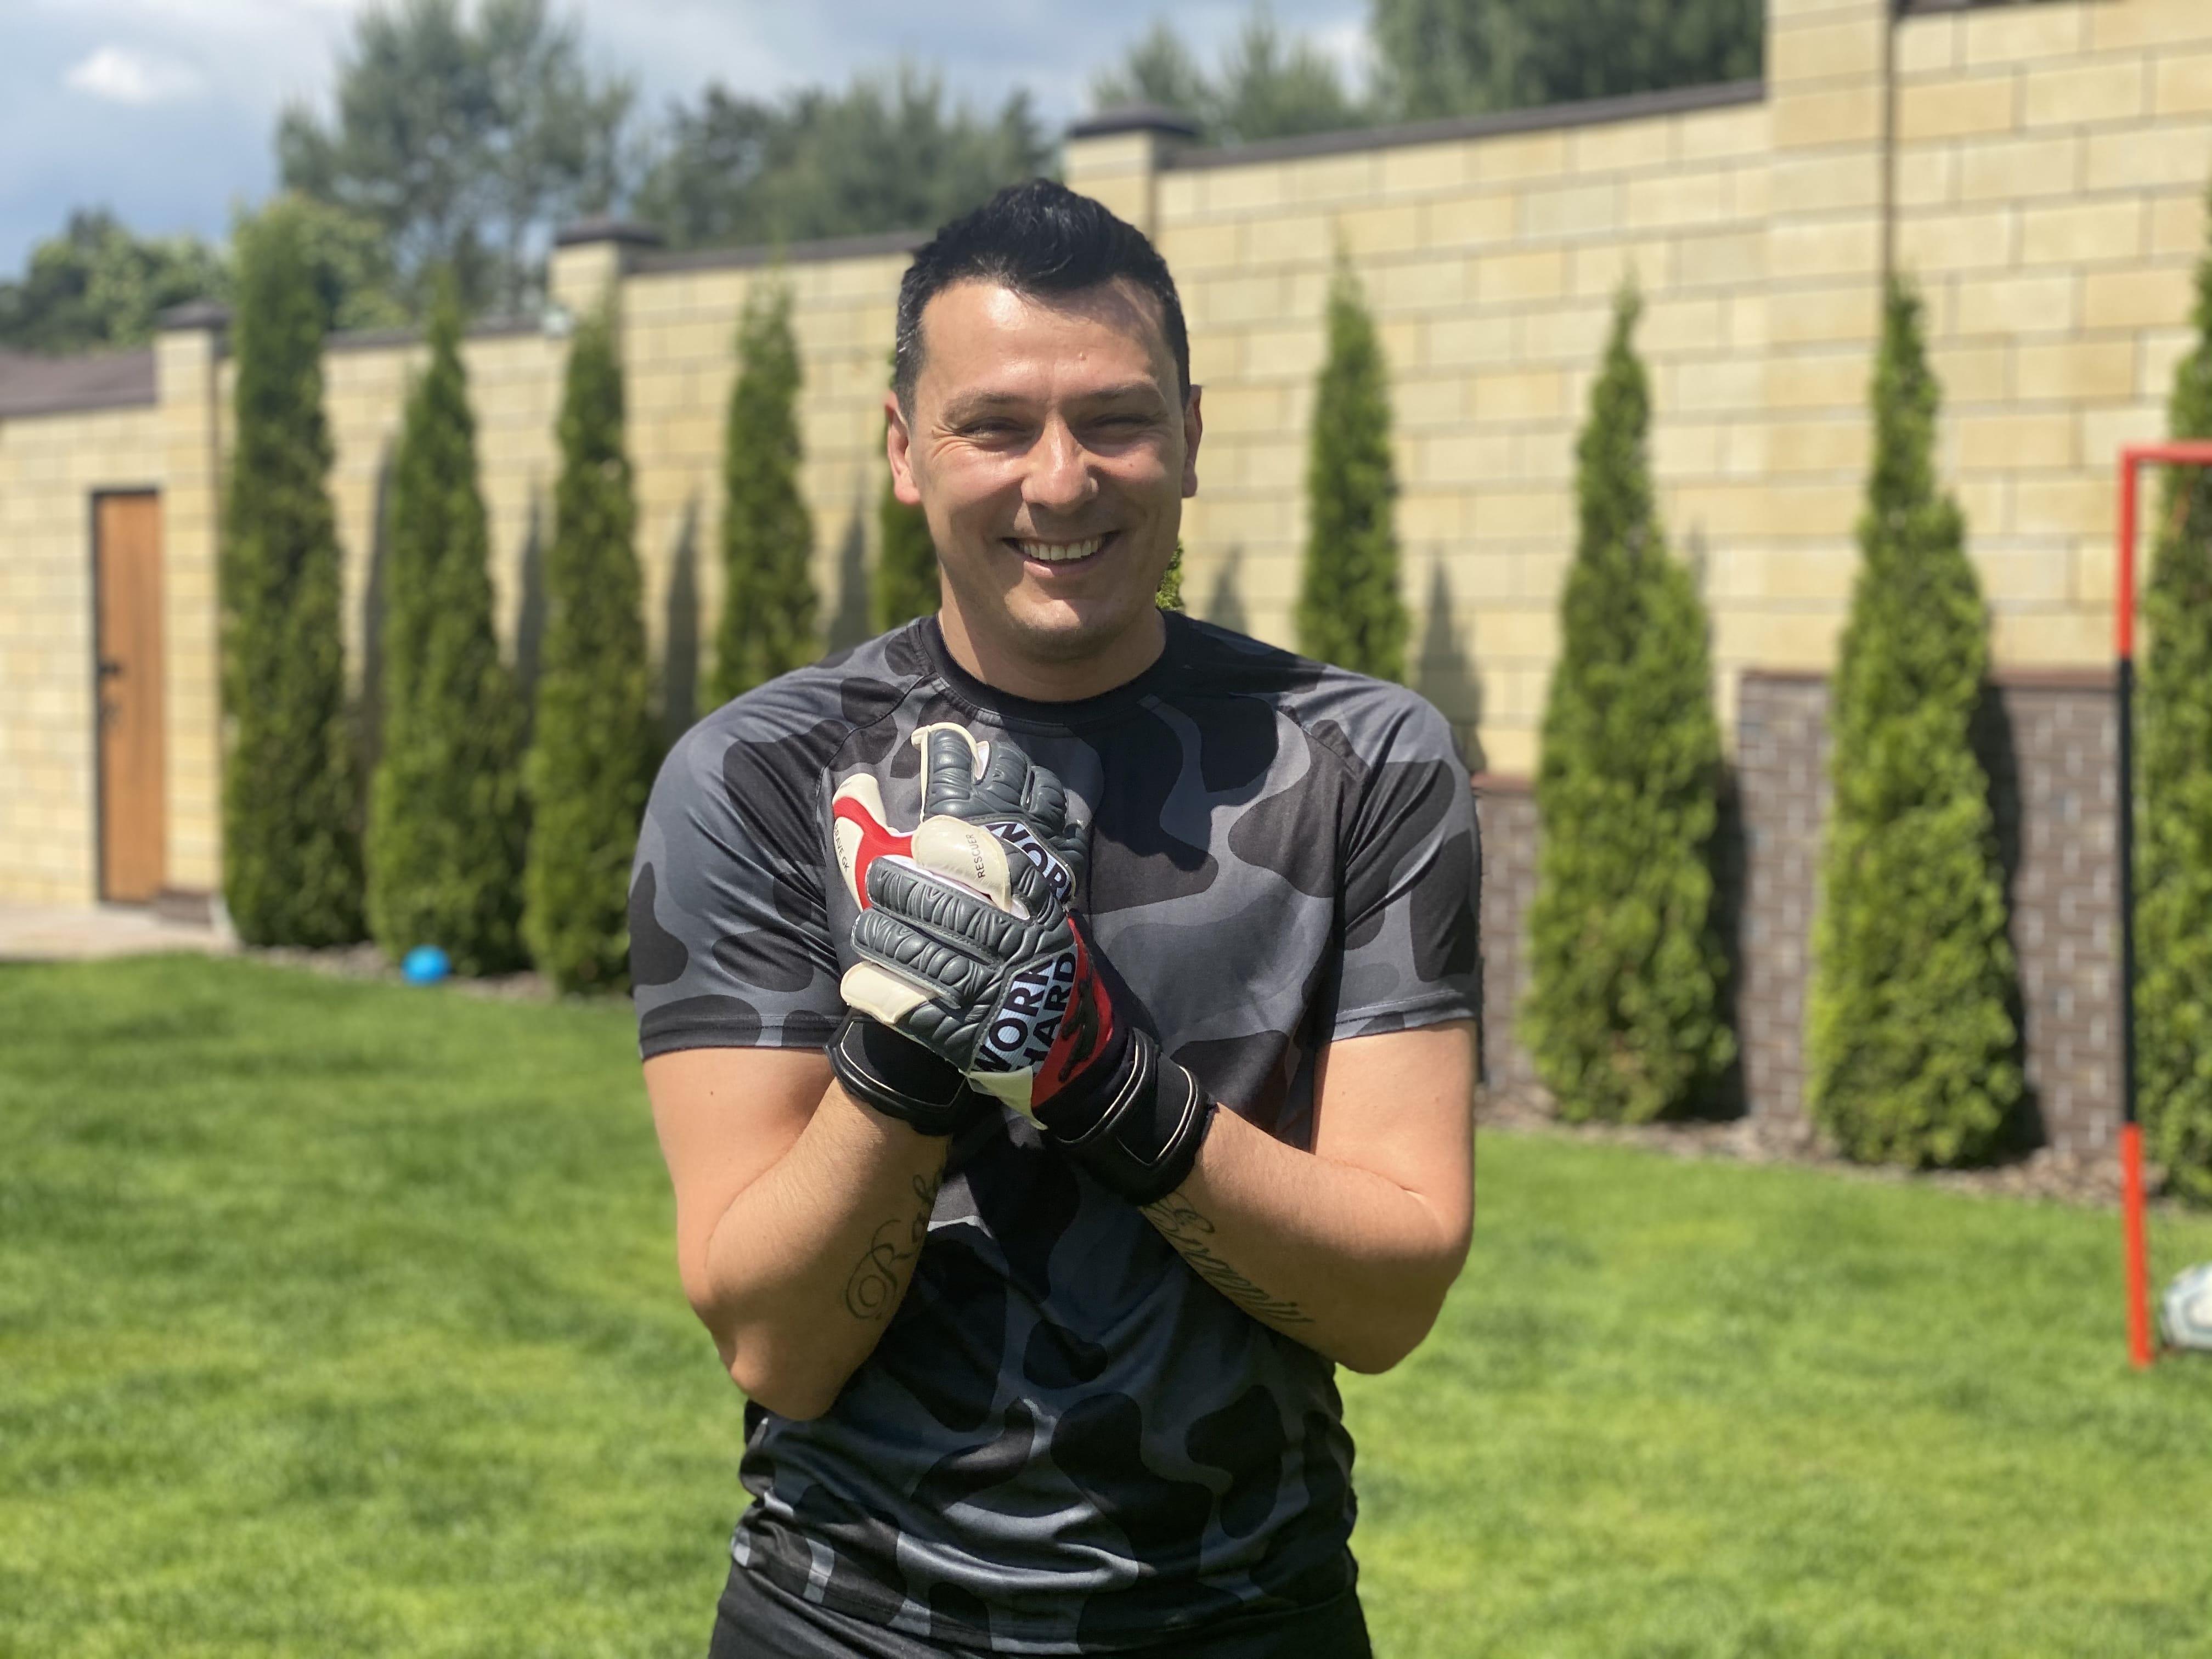 Creating goalkeeping gloves Brave GK